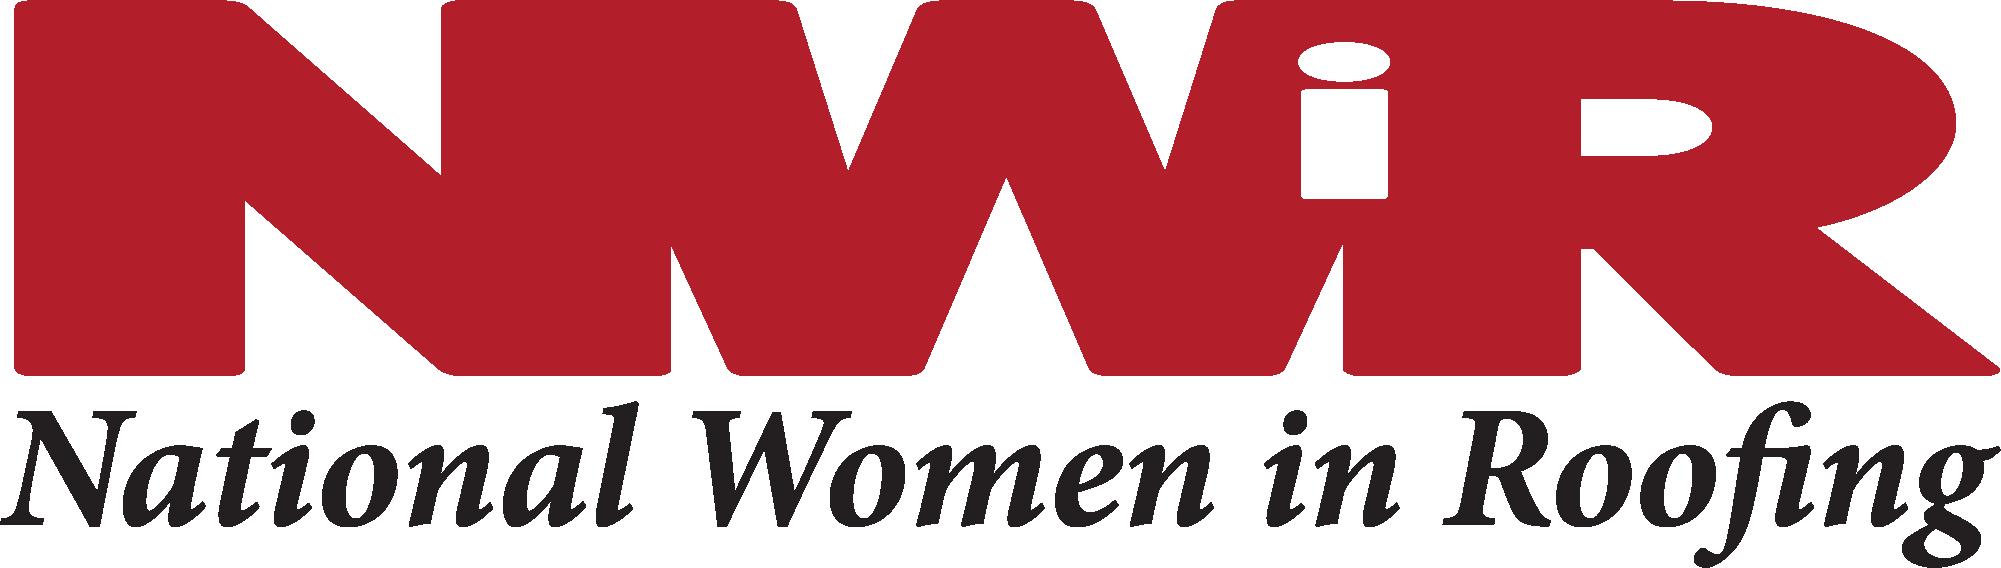 NWIR-Logo-7621c-011117.png